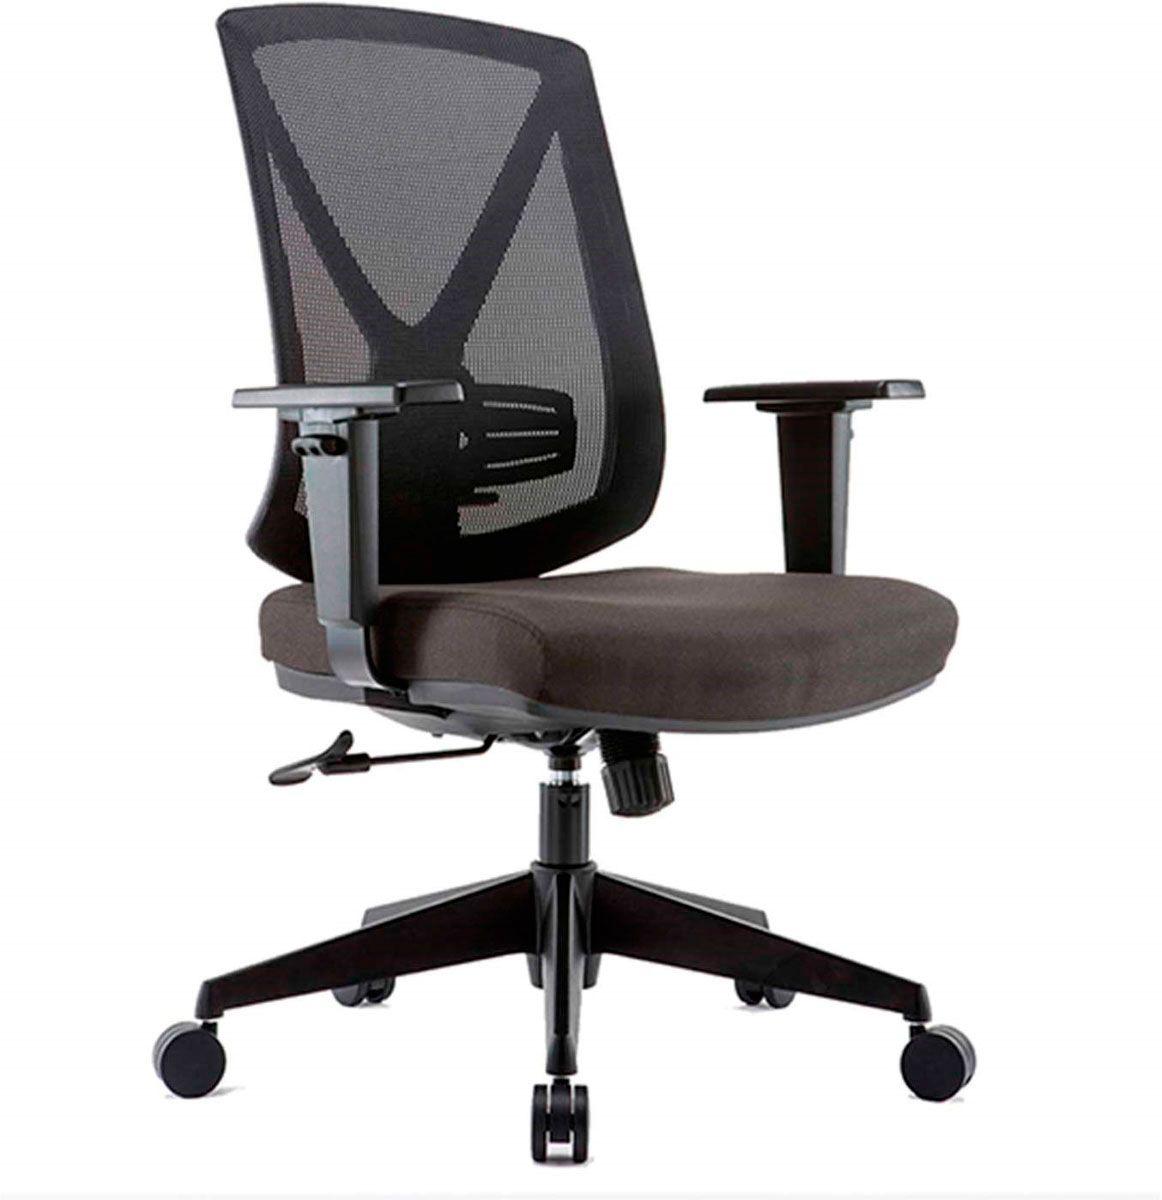 Cadeira de escritório NAIM secretária giratória base nylno preta assento em corino PU